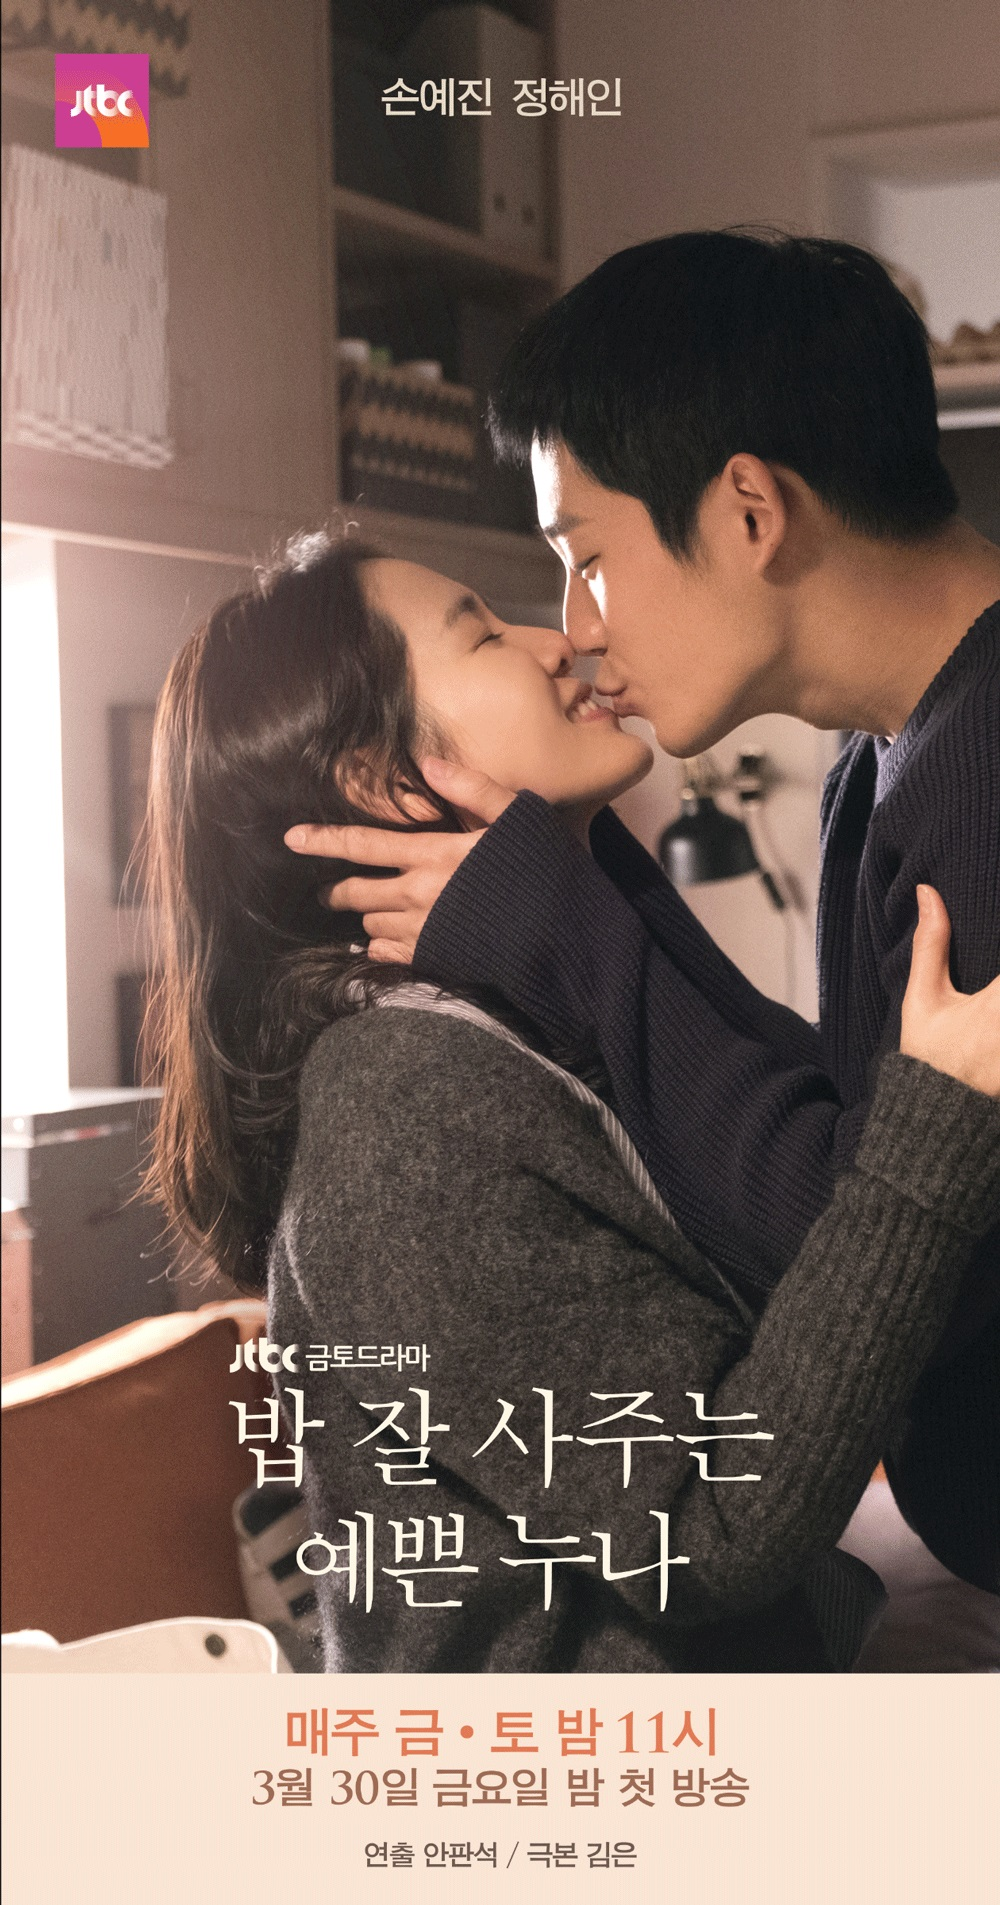 韩国JTBC强势崛起,这7部高水准韩剧全部是他们出品!插图18